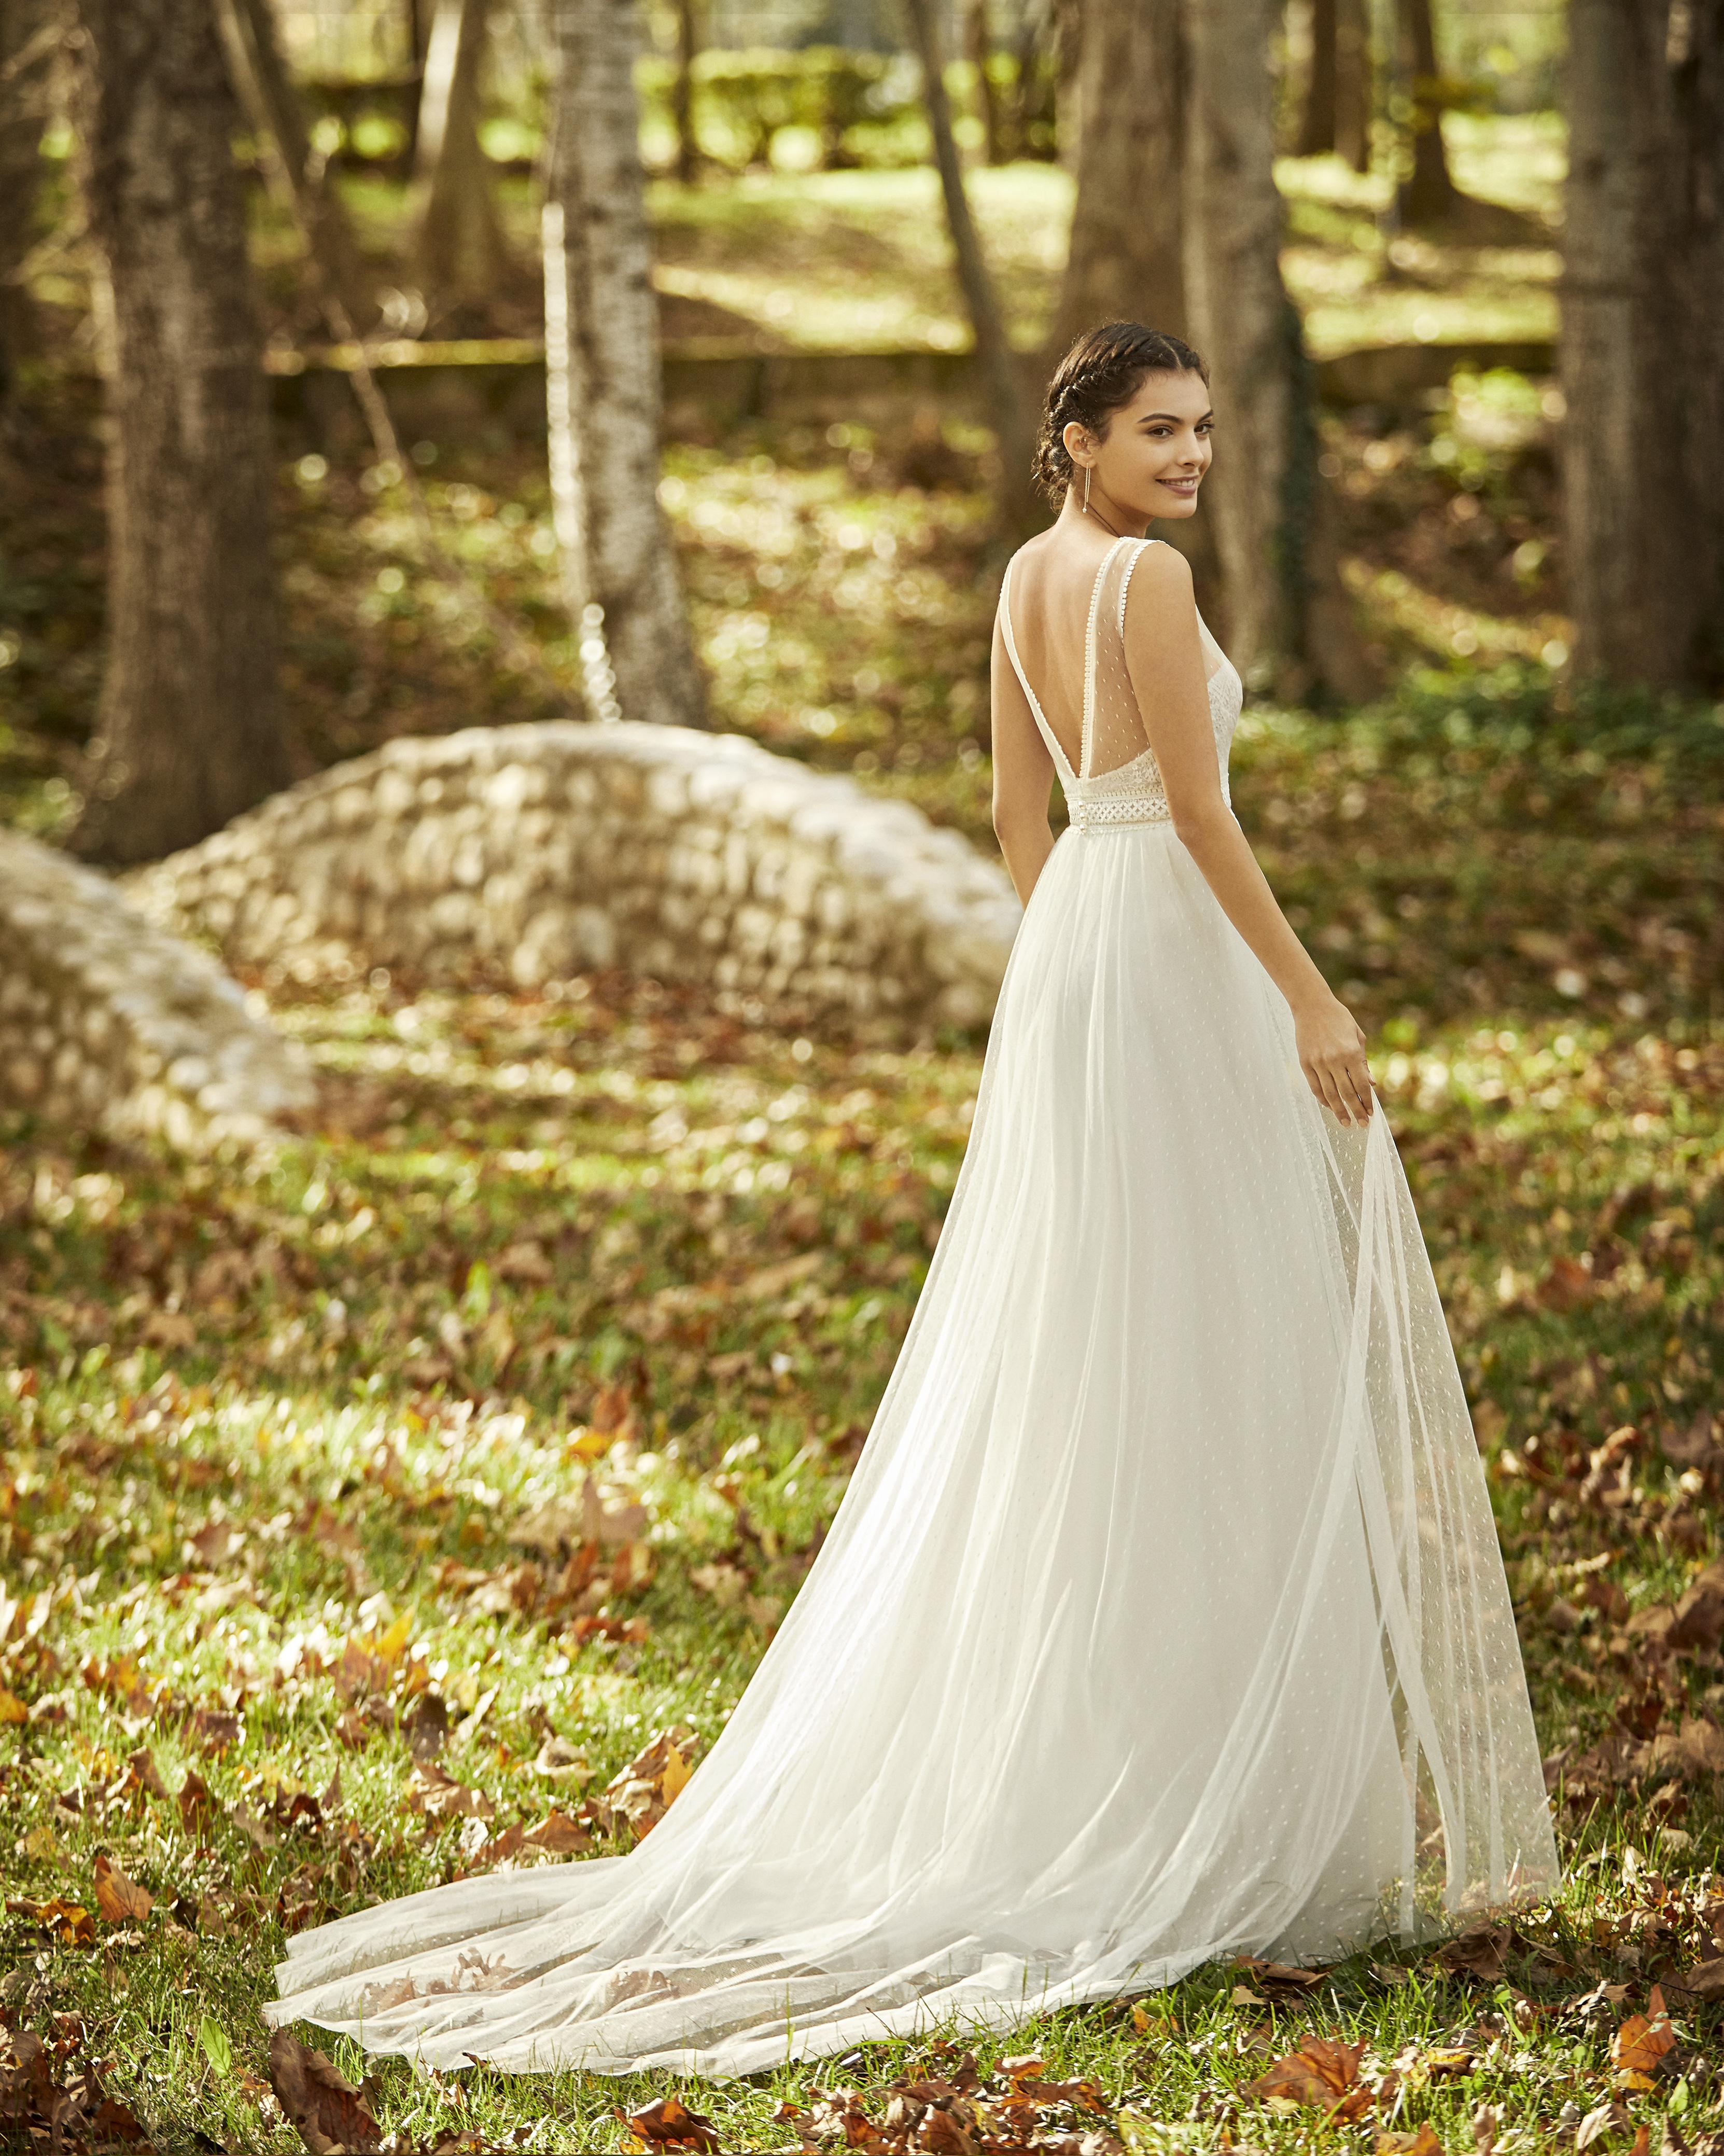 Robe Oceania - Collection Alma Novia 2020